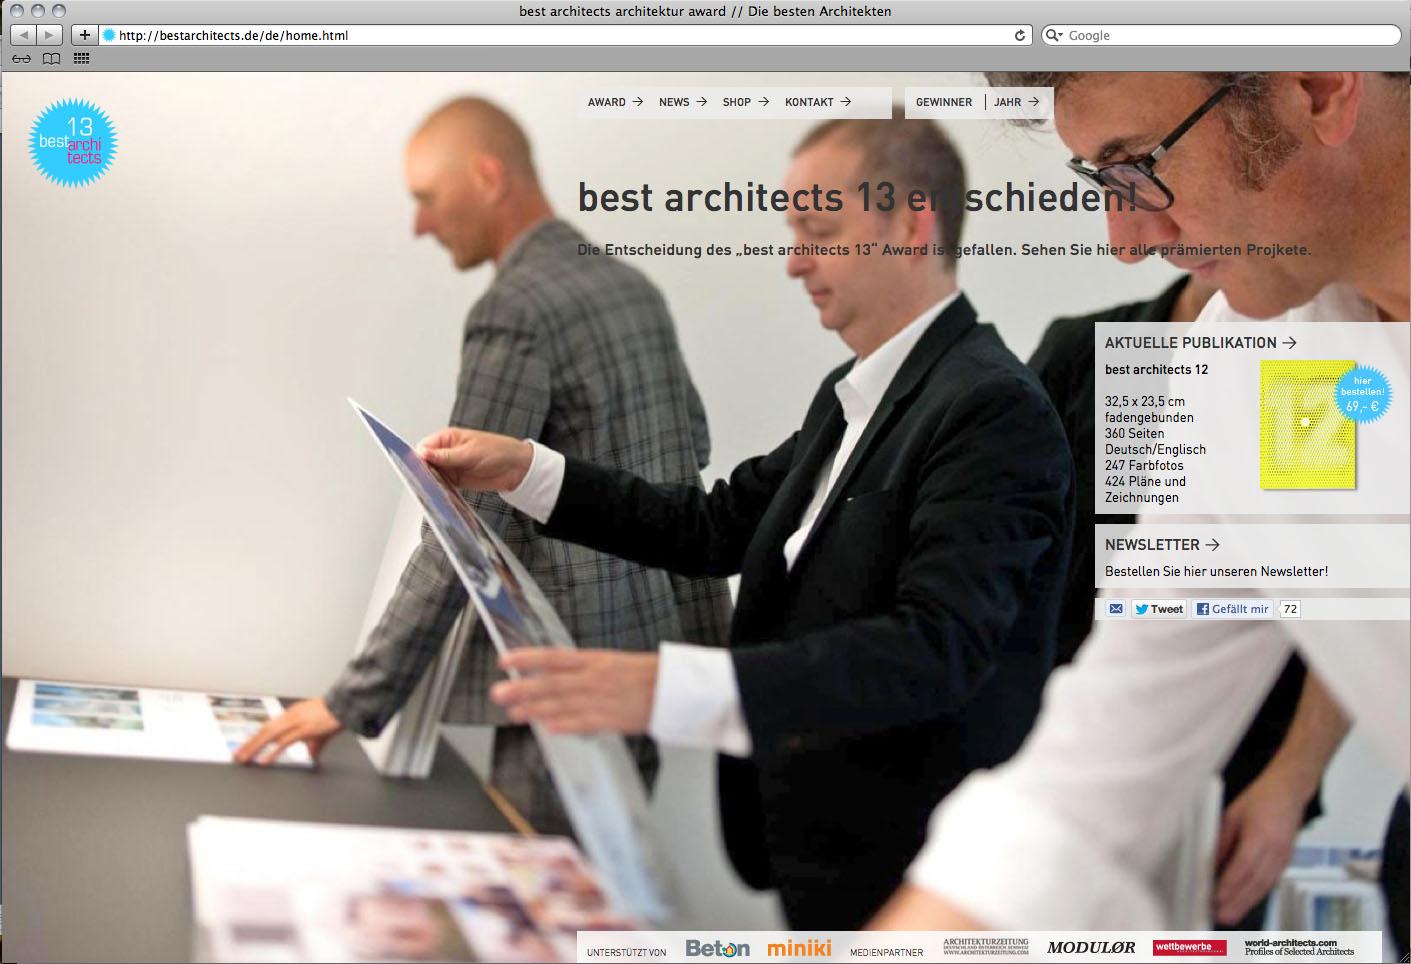 best architechts1